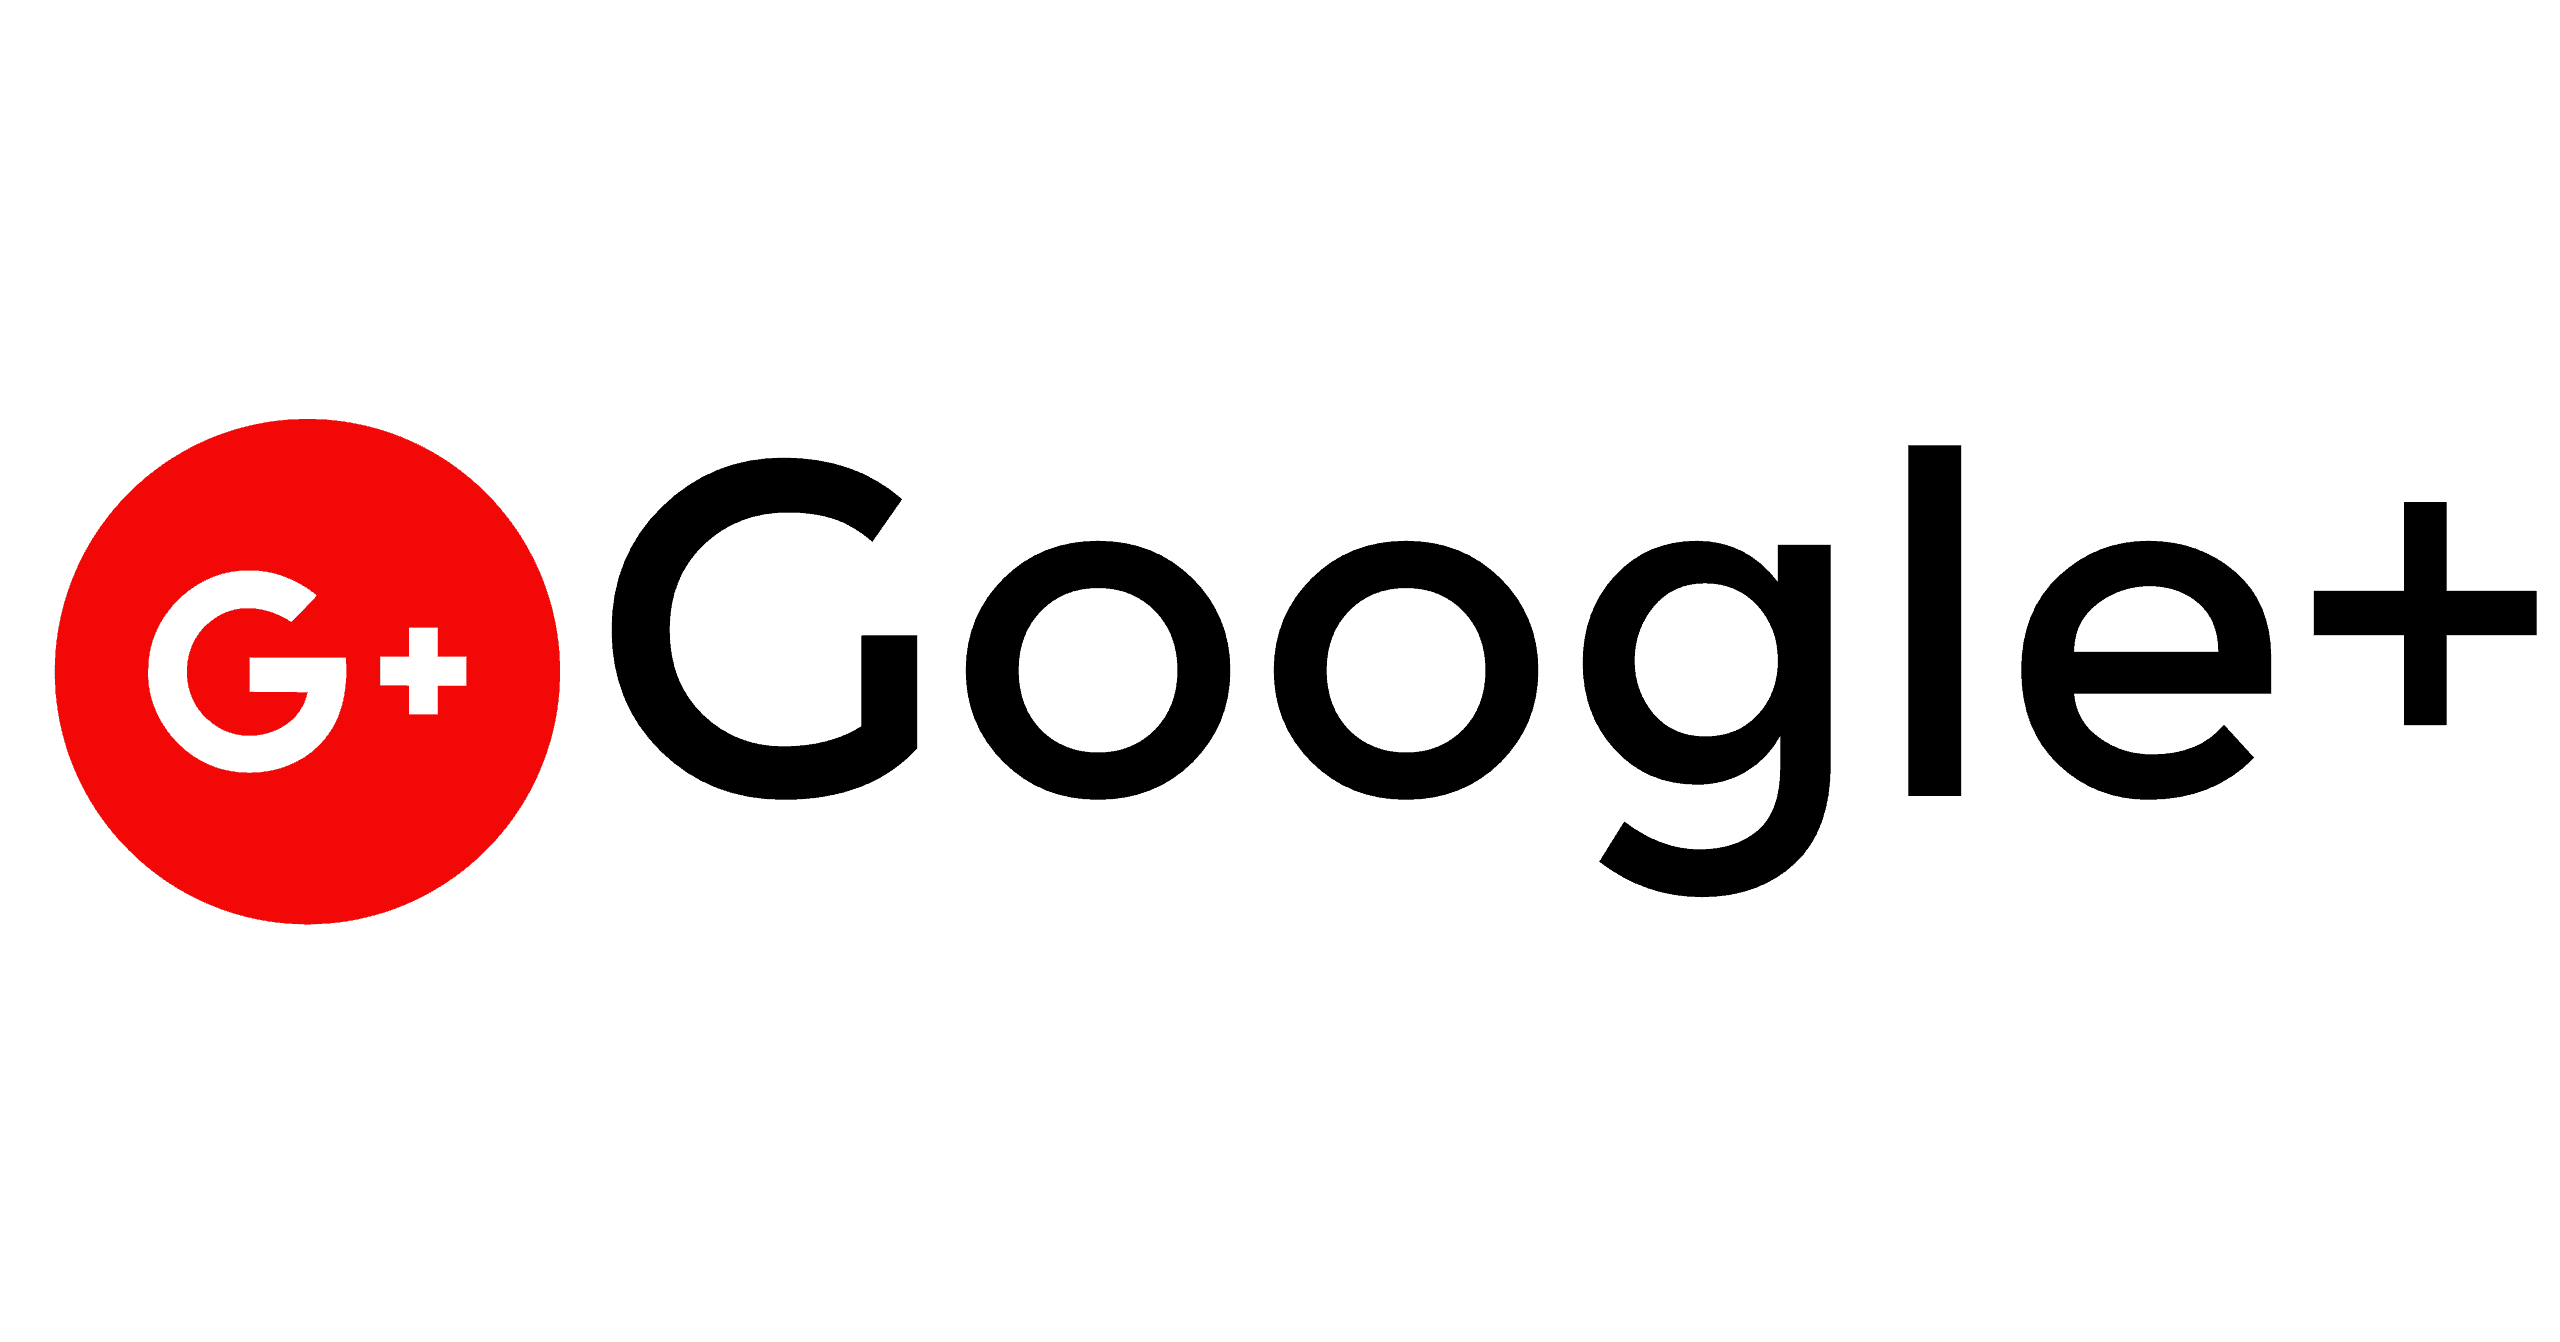 Google+ banner link